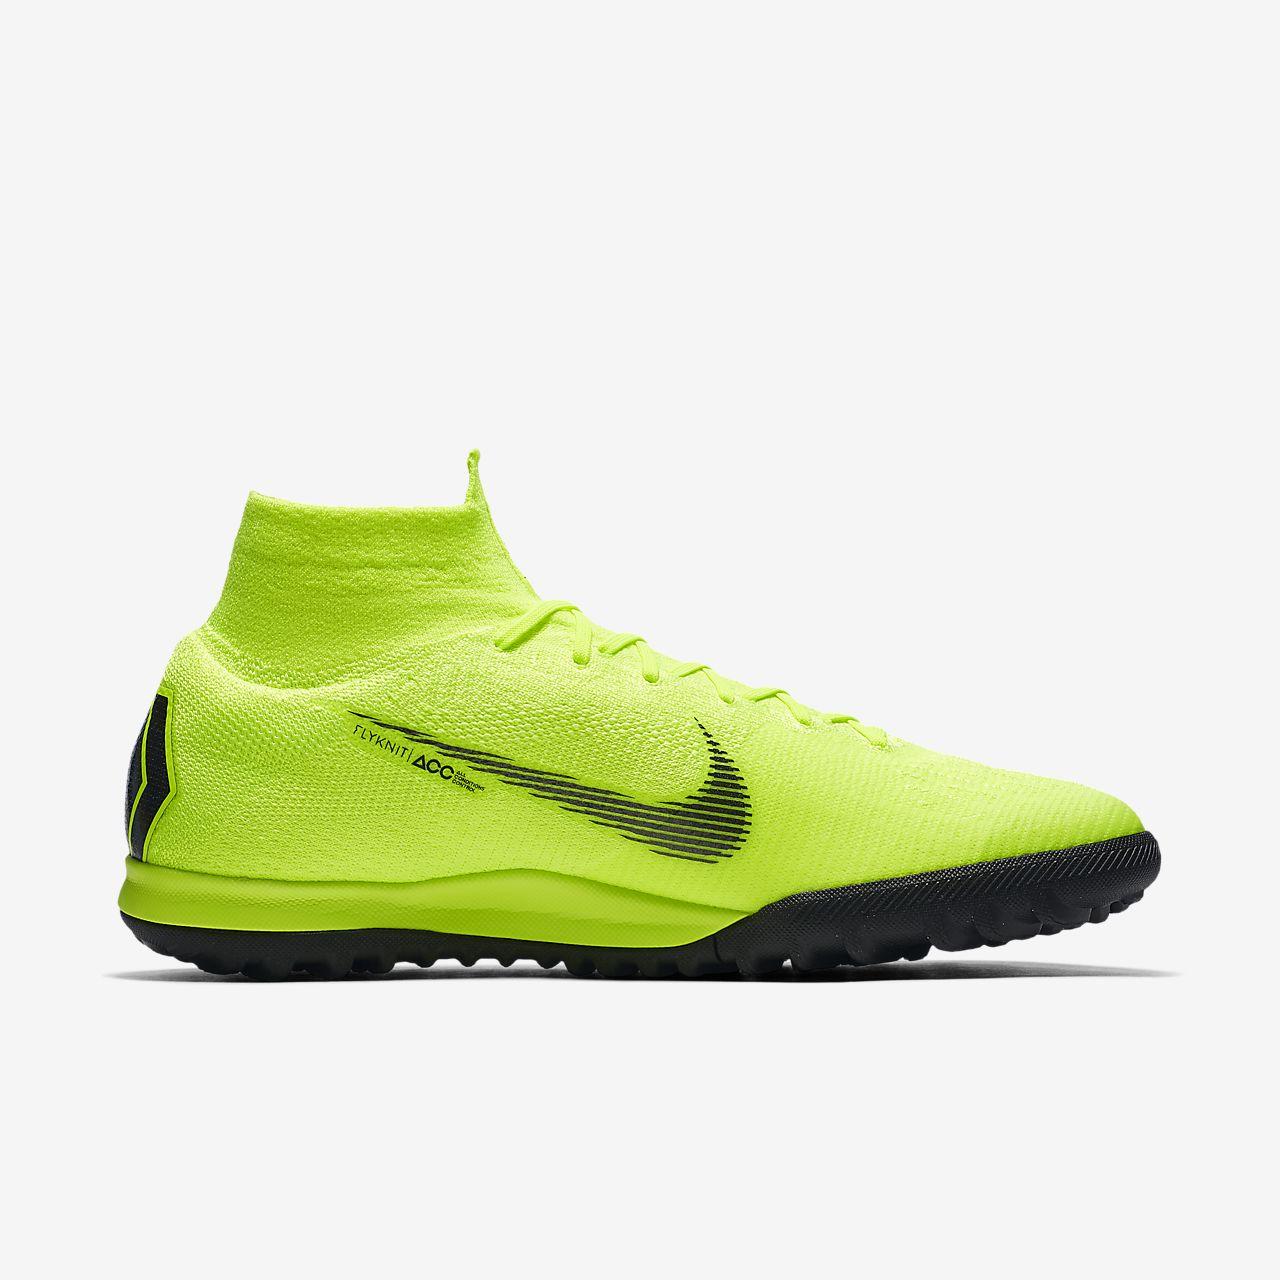 online retailer 05e91 9b7f5 ... Fotbollssko för grus turf Nike SuperflyX 6 Elite TF